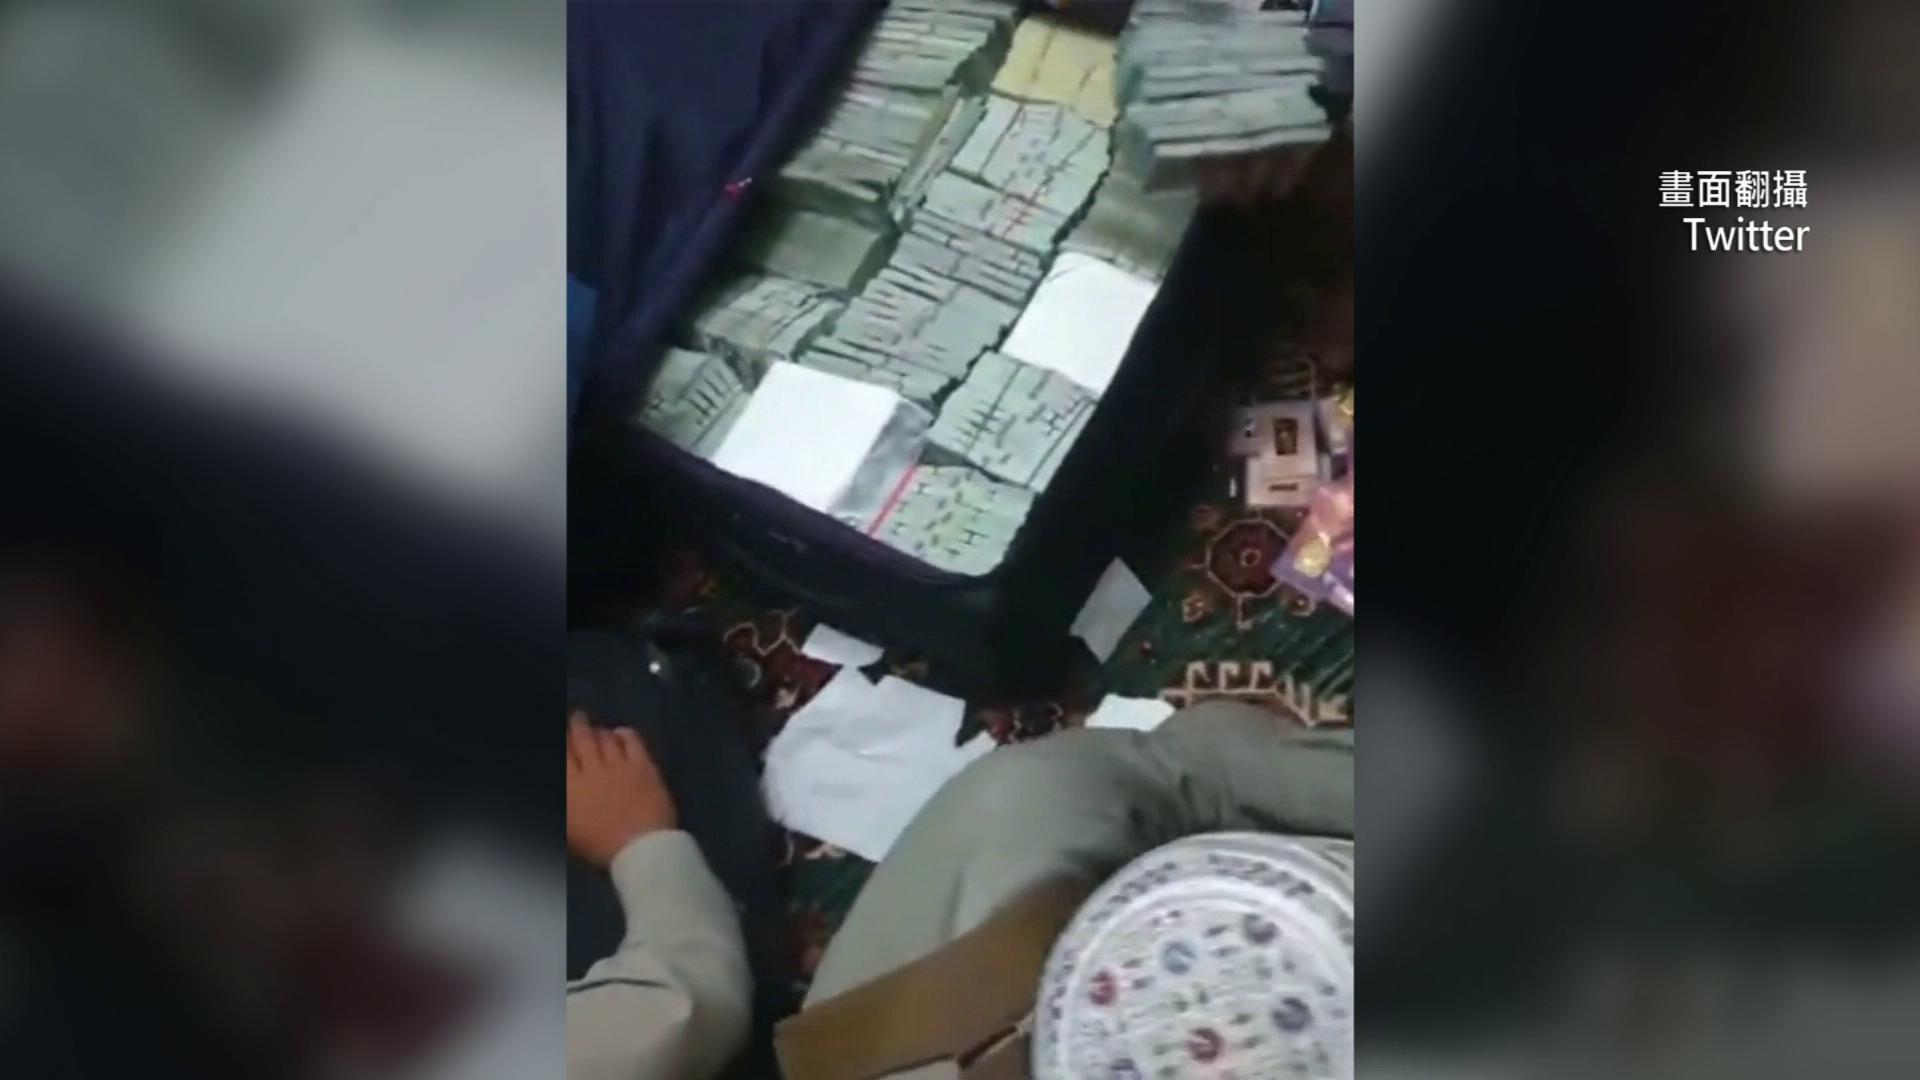 阿富汗前副總統早落跑! 塔利班在家中搜出「金條」、「美金」